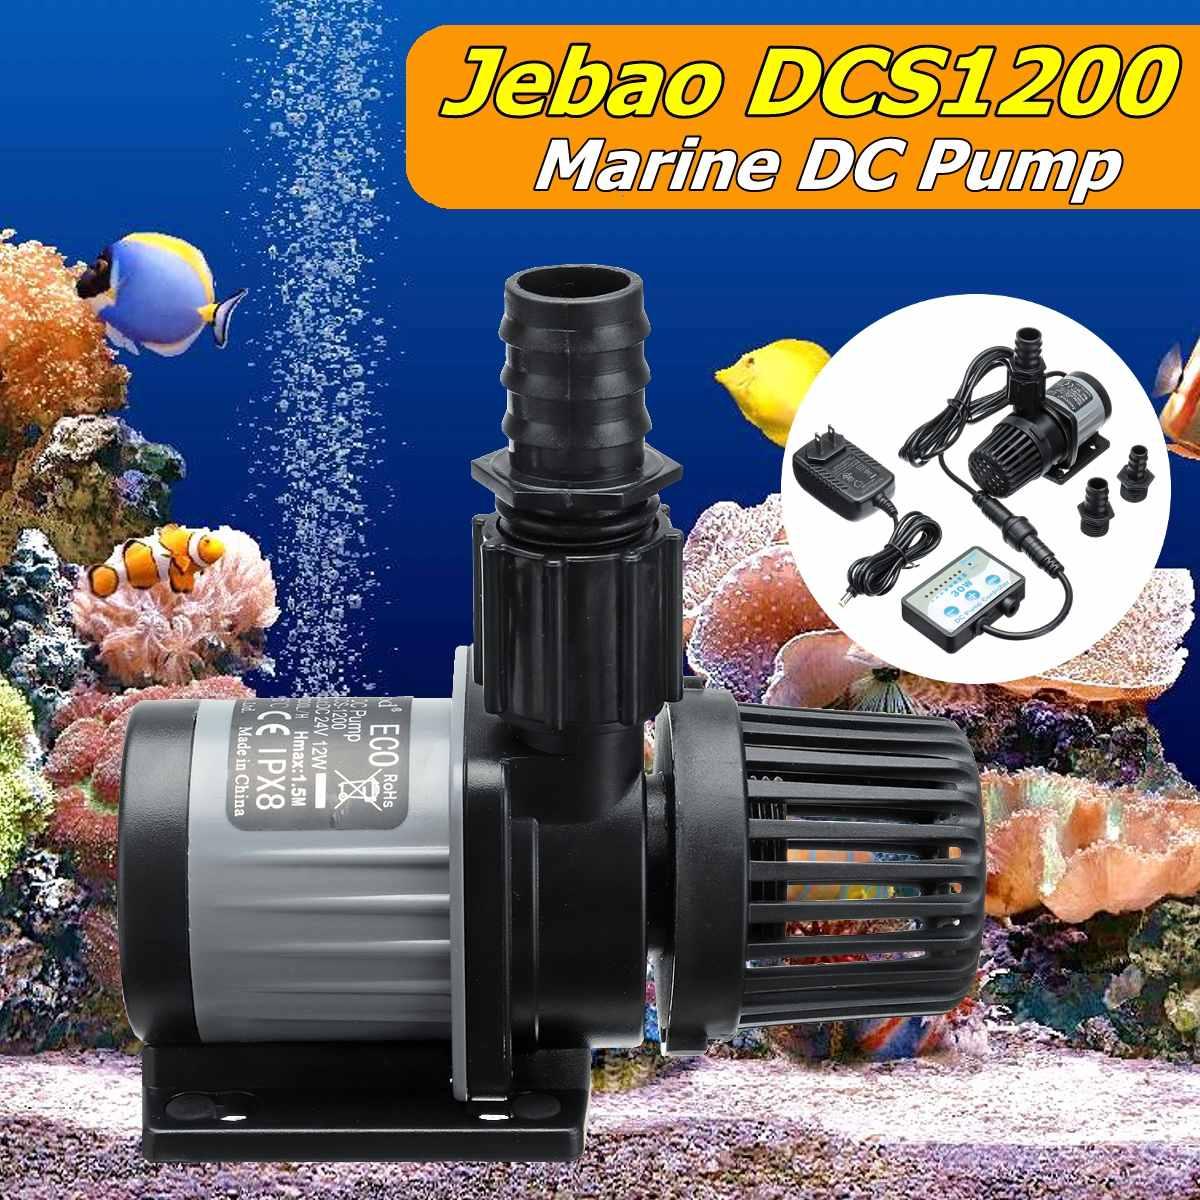 Jebao Jecod 12 W DC1200 pompe à eau Submersible Ultra-silencieuse pour Aquarium